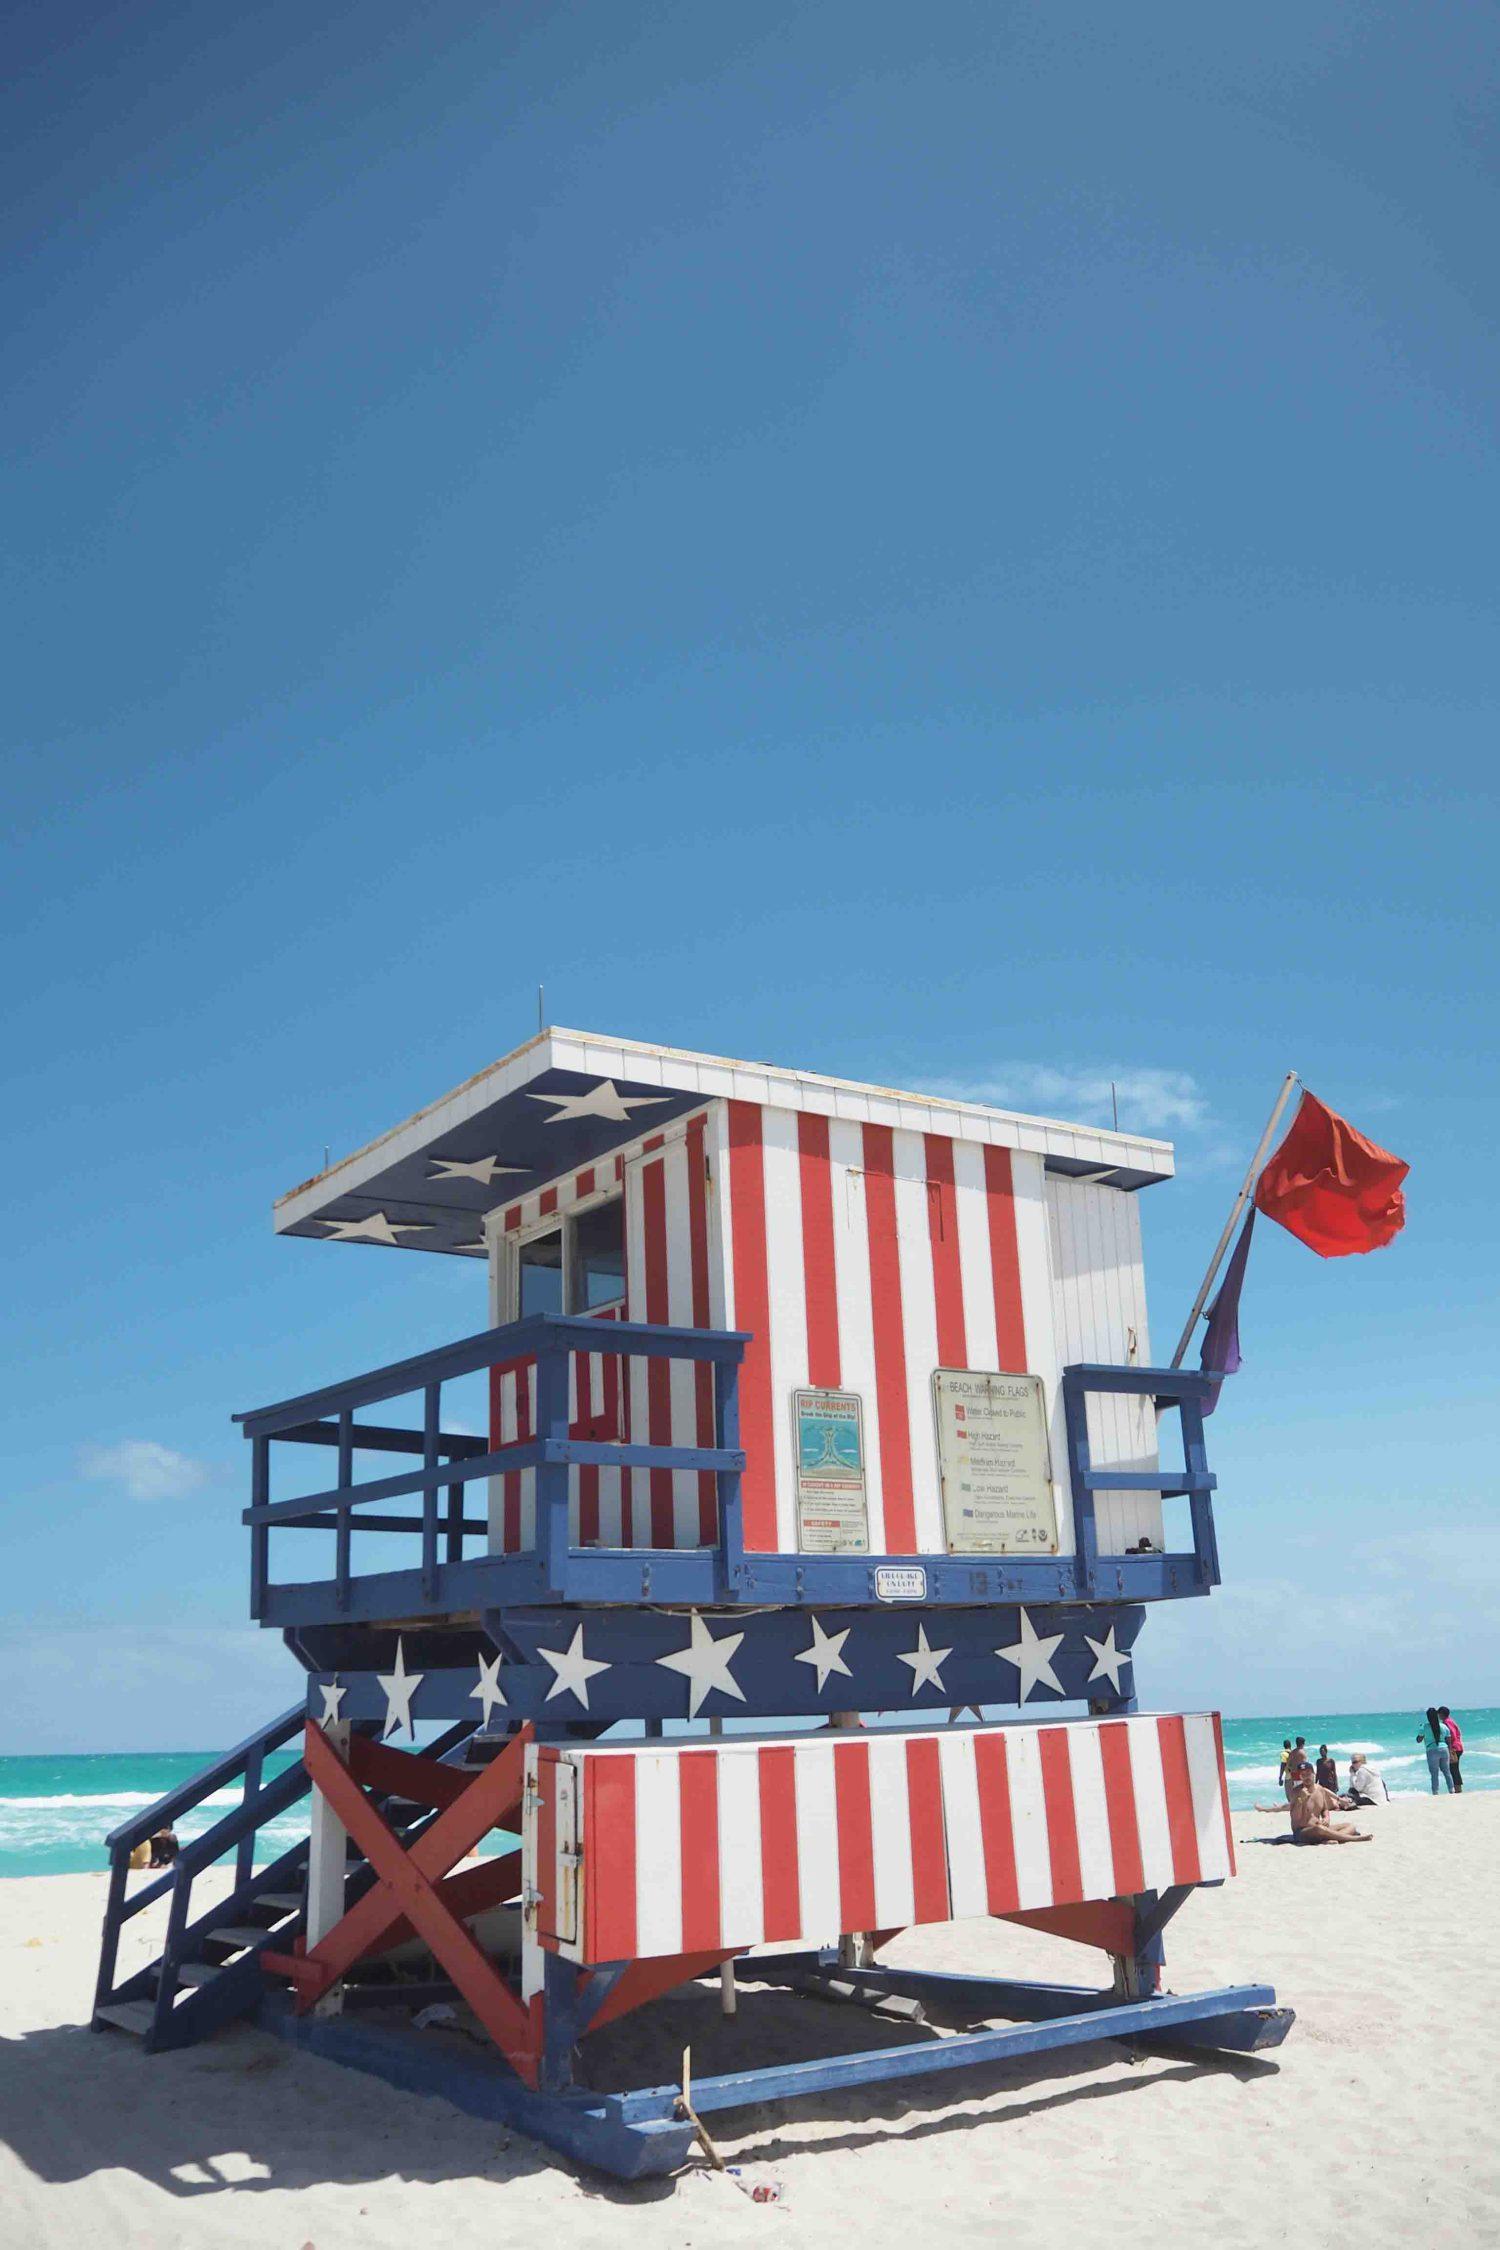 Montags-Update #79: Neue Reisepläne + Gedanken zur US-Wahl